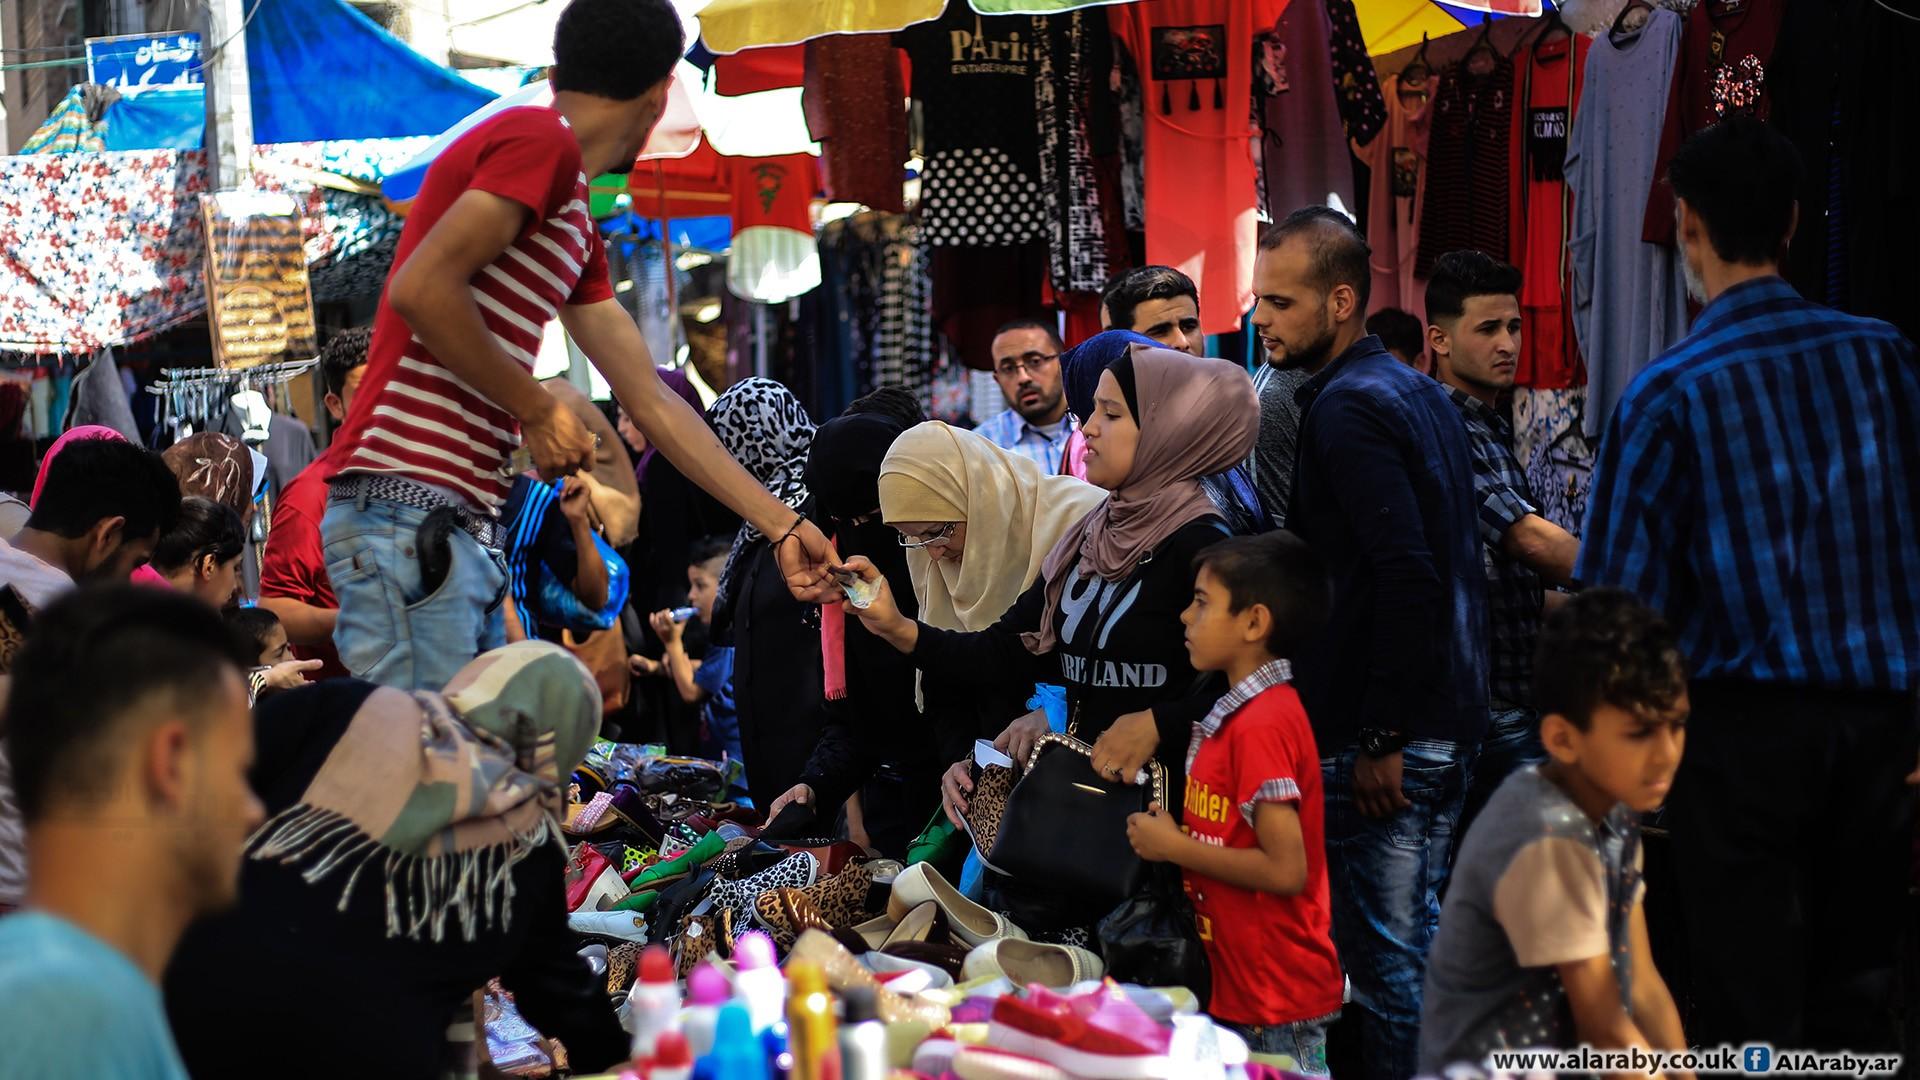 أسواق غزة: تخفيضات كبيرة وأموال قليلة ومحاولات للفرح